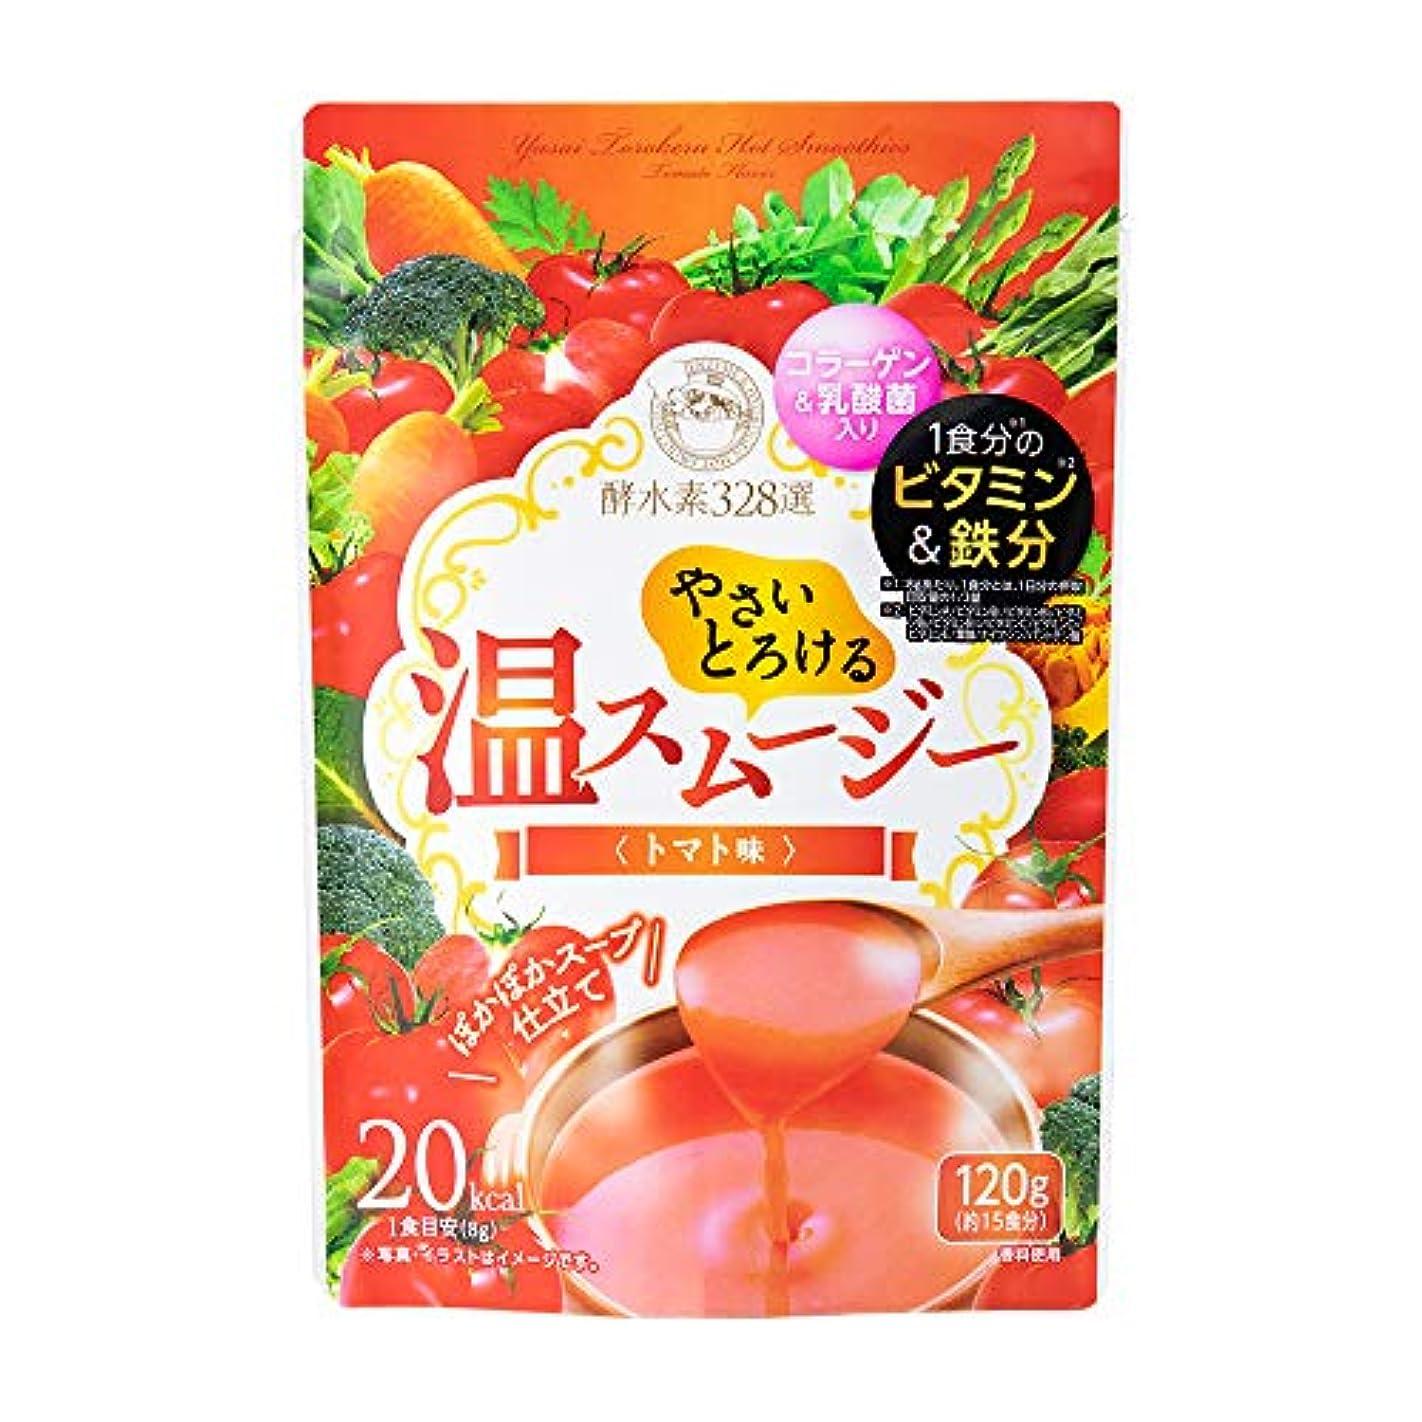 バリケード宮殿リビジョン【公式】酵水素328選 やさいとろける温スムージー (トマト味)